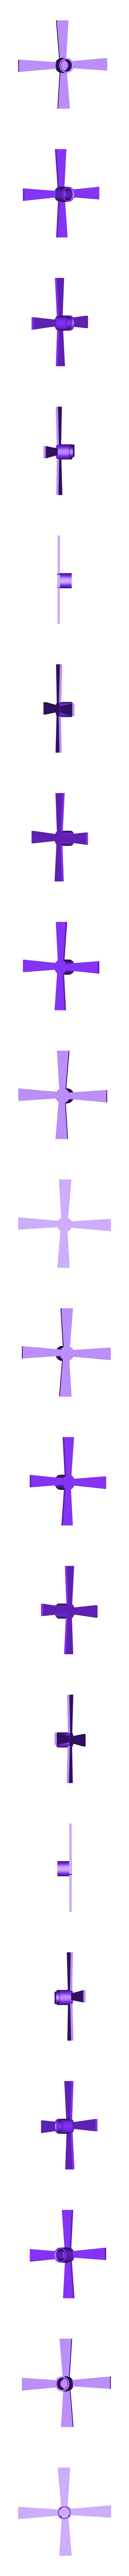 MILL_Maker Pro Etruder Indicator_FINAL v1.stl Télécharger fichier STL gratuit Indicateur d'extrudeuse pour Monoprice Maker Select Pro / Wanhao D9 Moulin à vent Amish • Design pour impression 3D, SierraTech